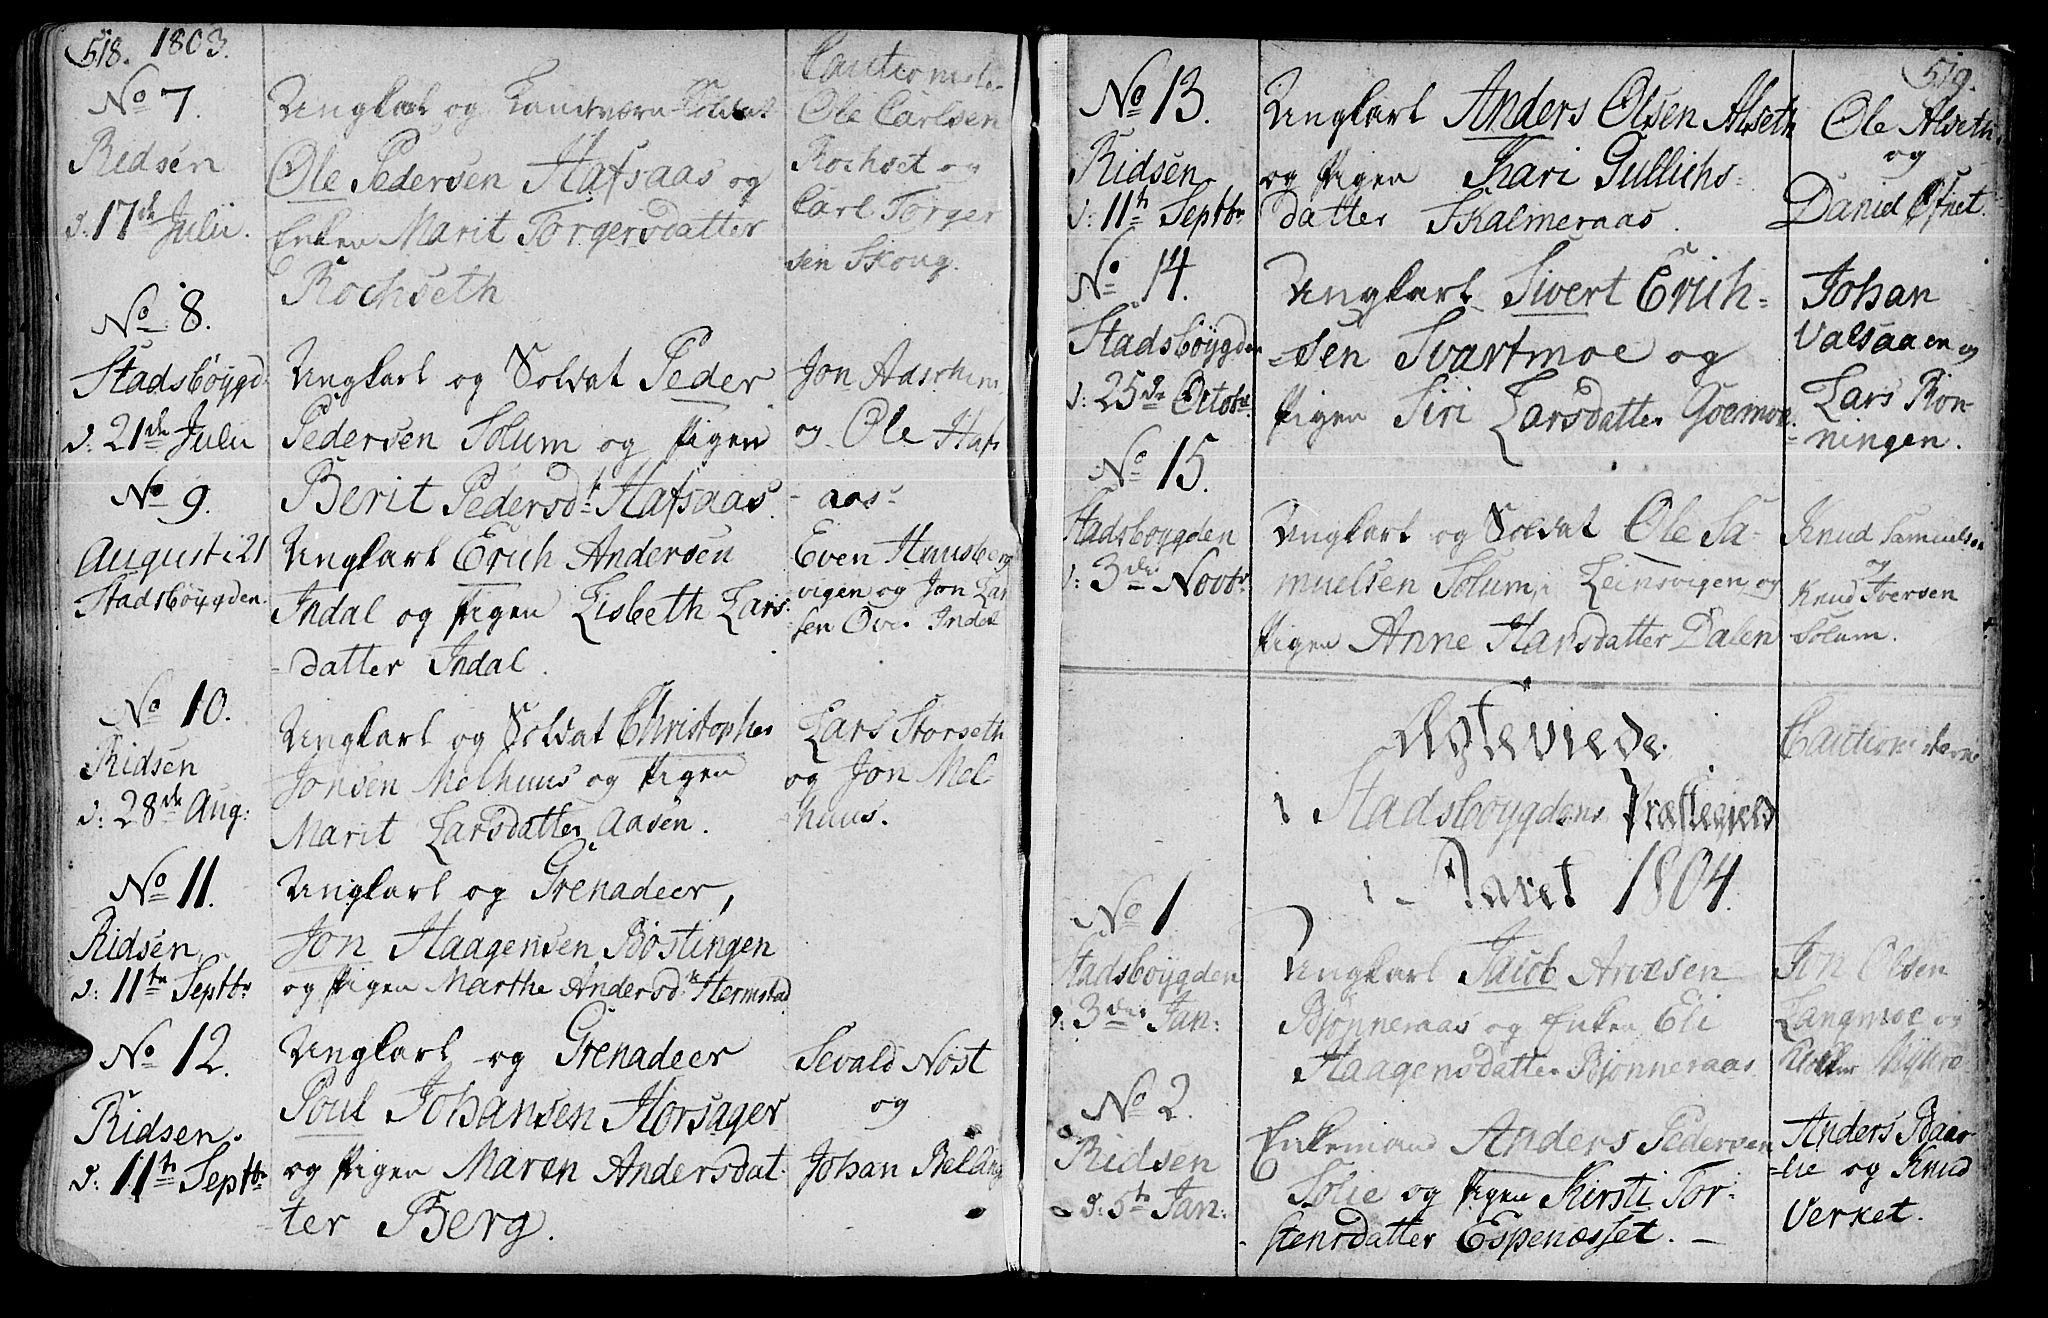 SAT, Ministerialprotokoller, klokkerbøker og fødselsregistre - Sør-Trøndelag, 646/L0606: Ministerialbok nr. 646A04, 1791-1805, s. 518-519